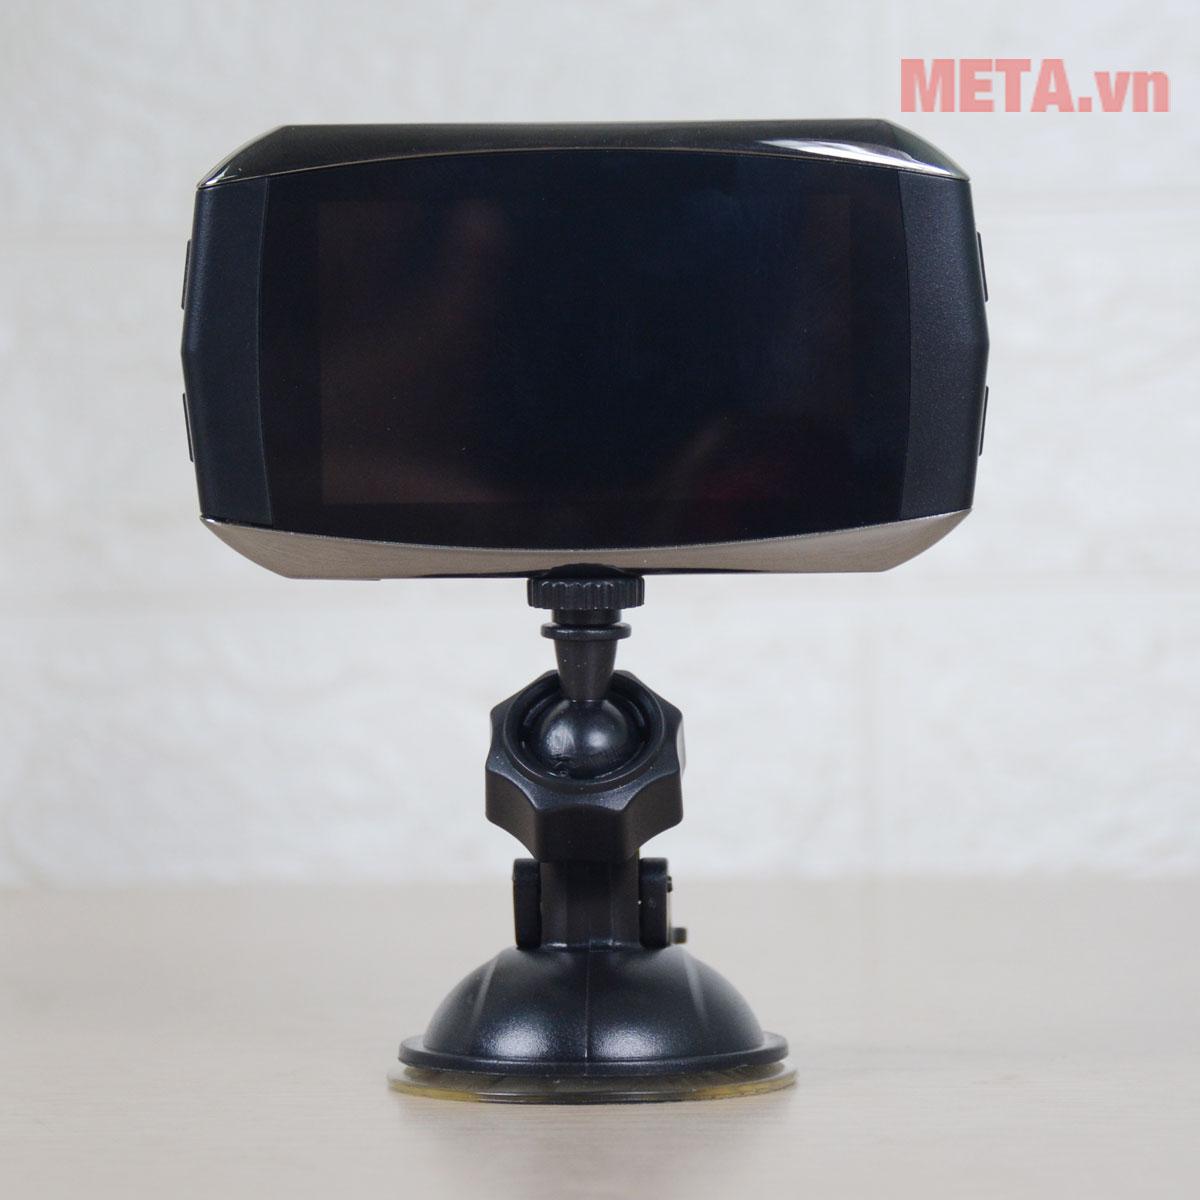 Thiết kế camera hành trình VietMap X9S nhỏ gọn, lắp đặt dễ dàng